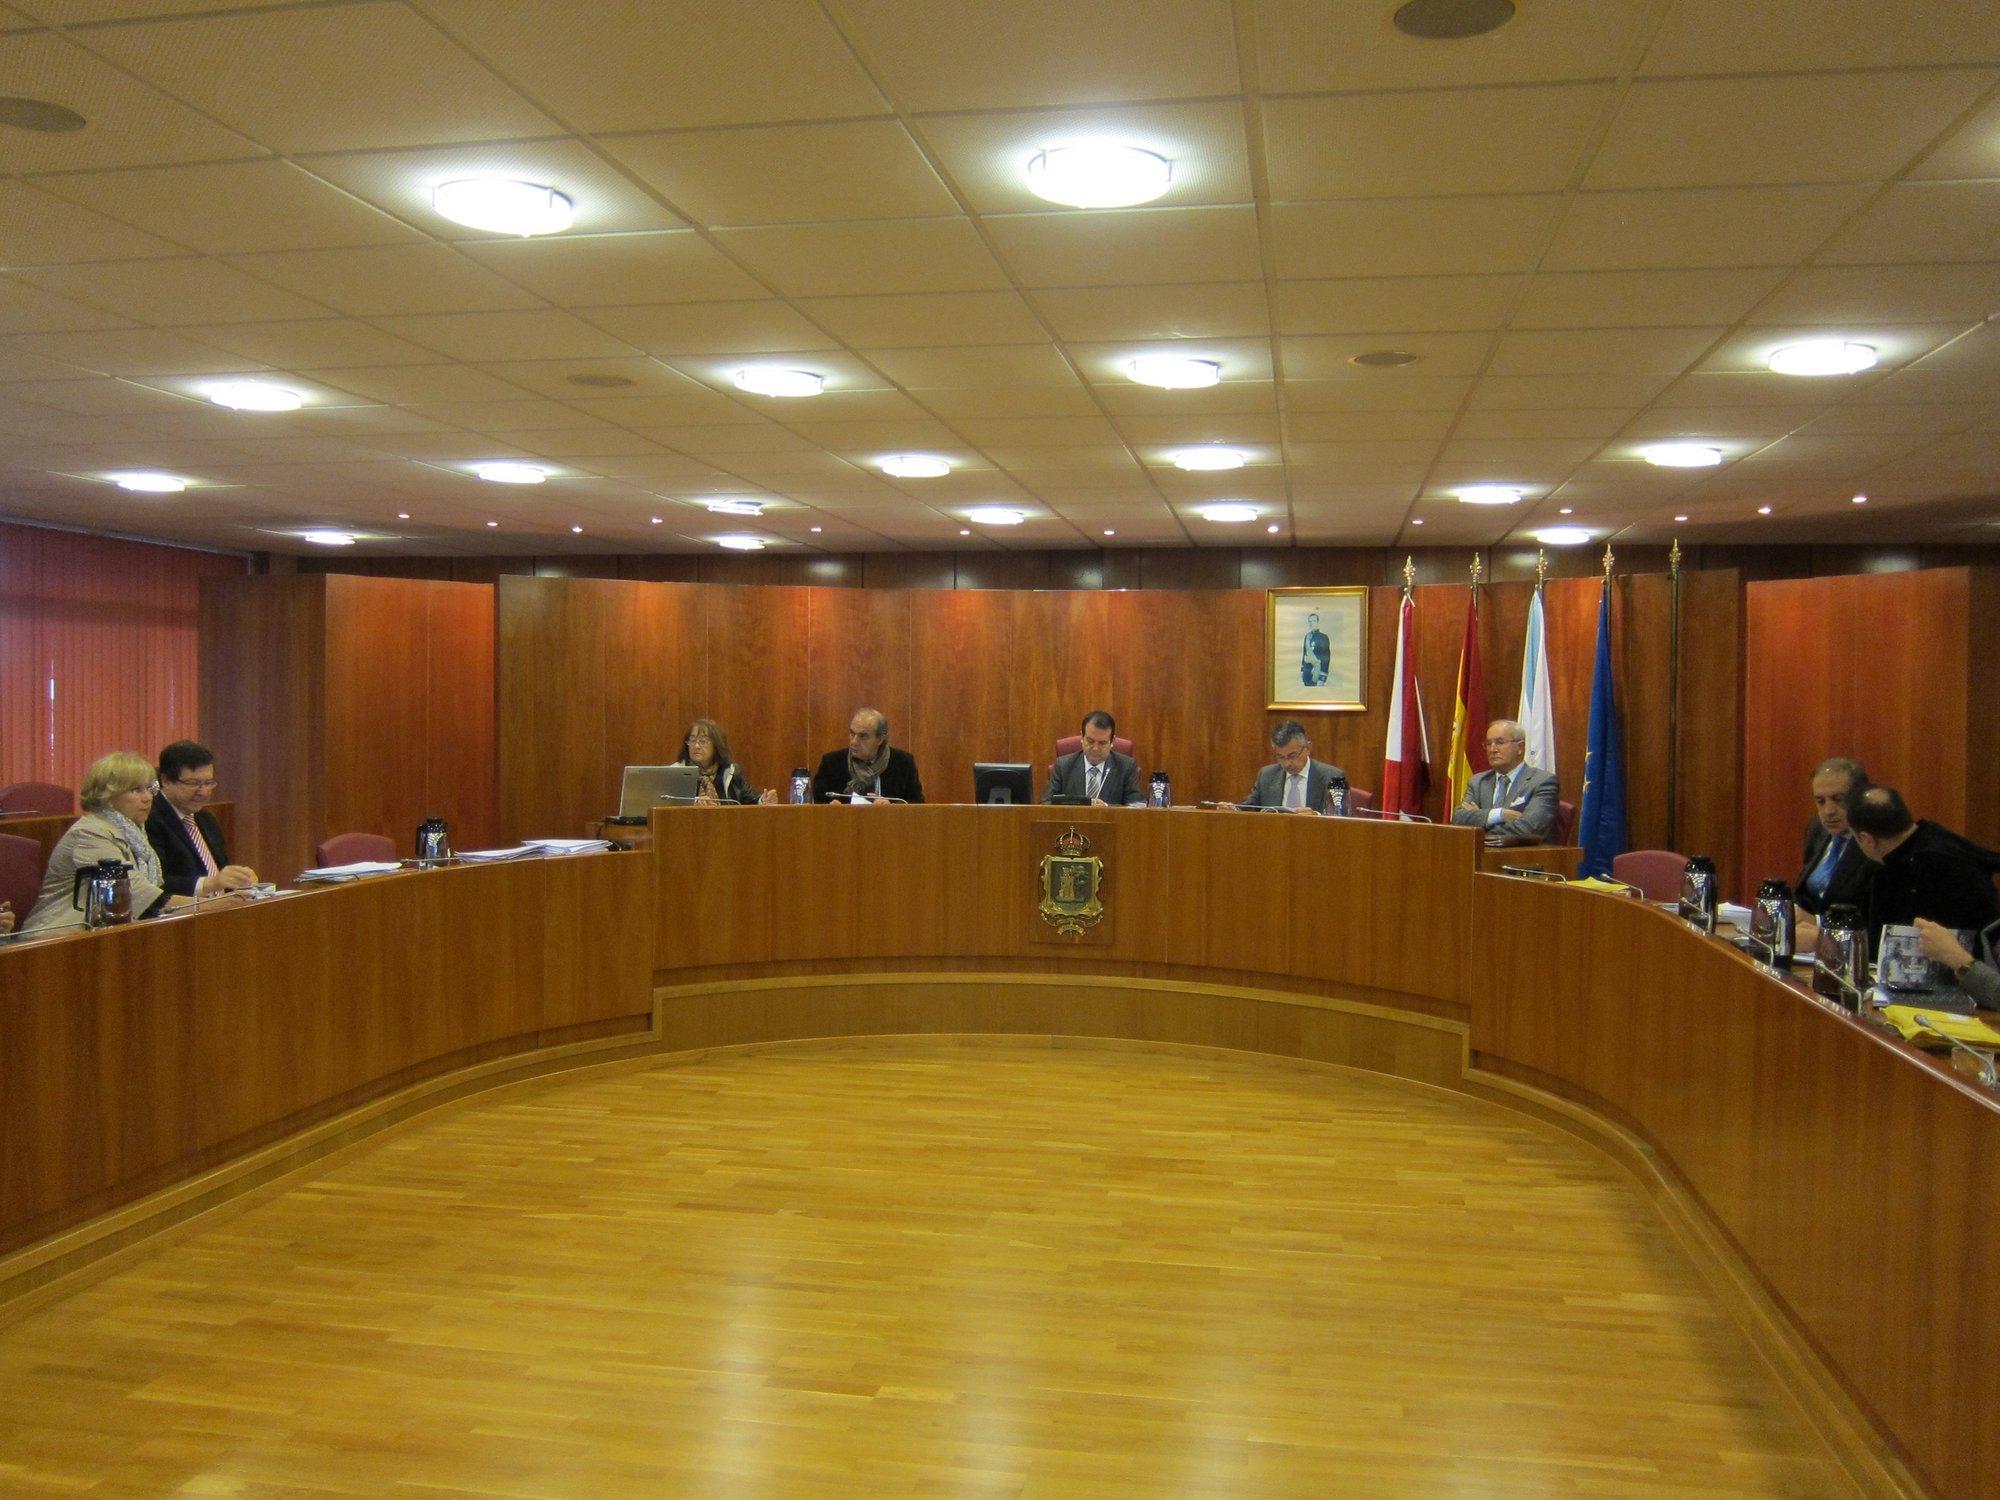 El Ayuntamiento de Vigo mantiene disponible el crédito de la paga extra de los funcionarios con los votos de PSOE y BNG